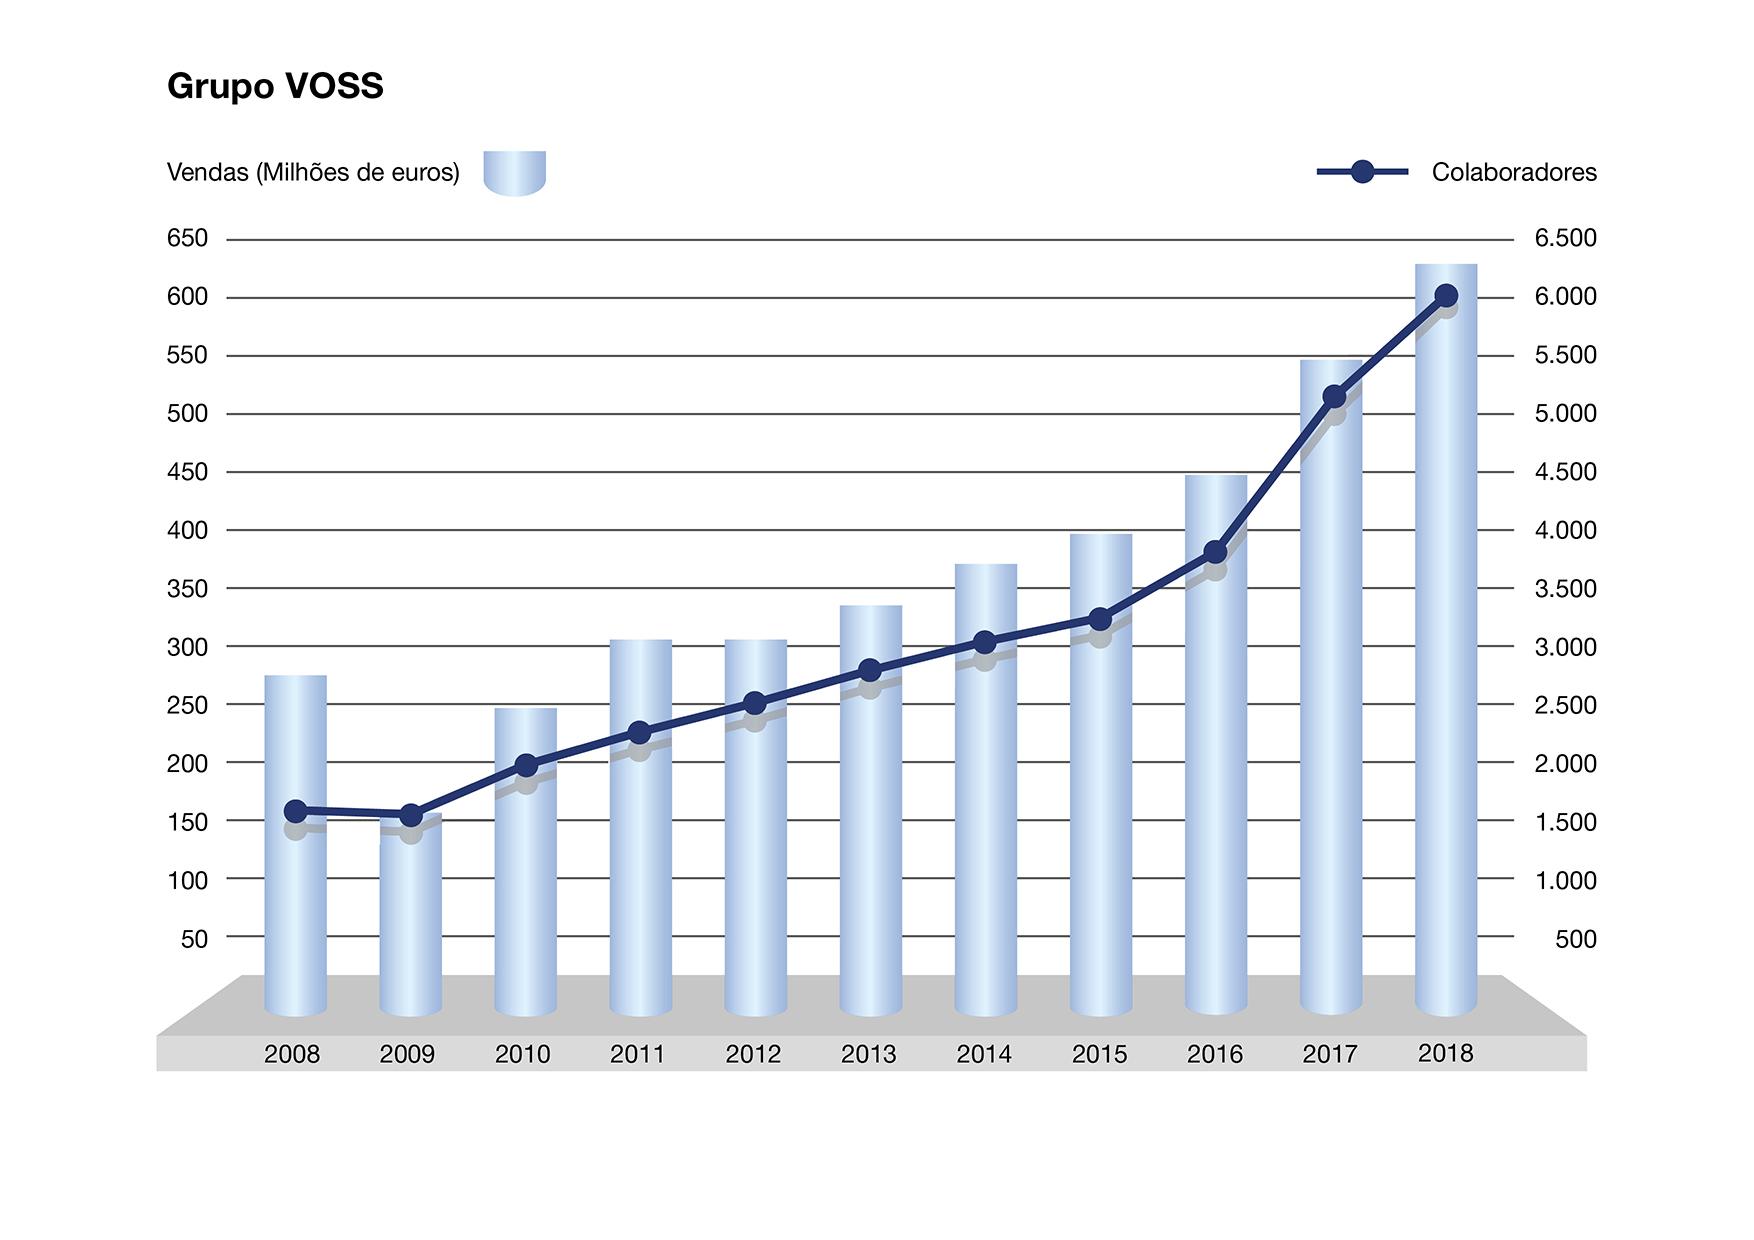 Grupo VOSS – Vendas e colaboradores